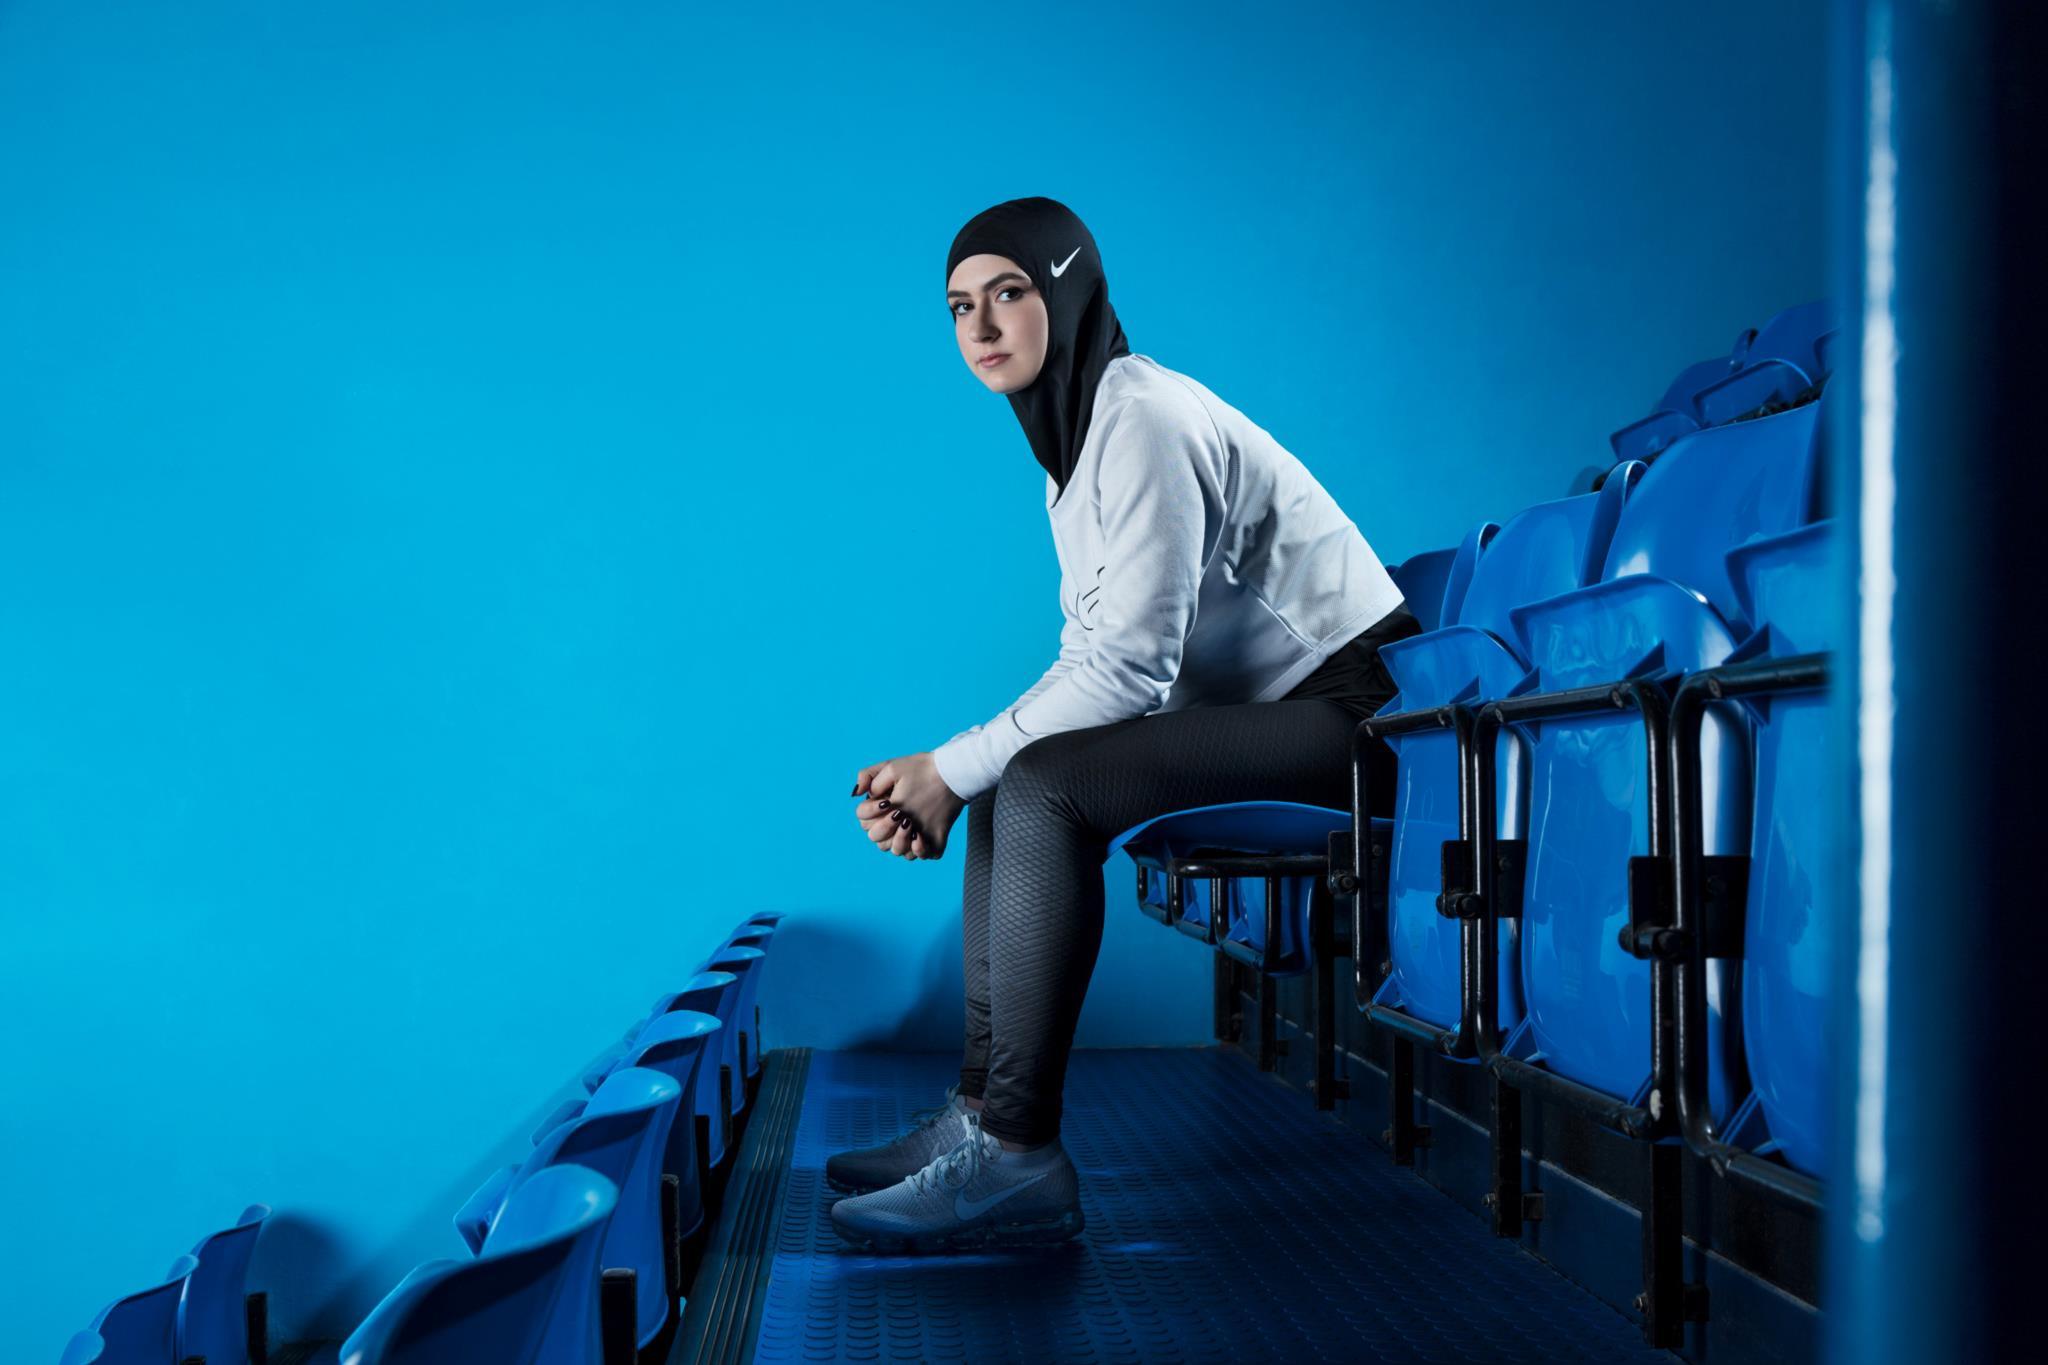 Nike vai criar hijab para atletas muçulmanas